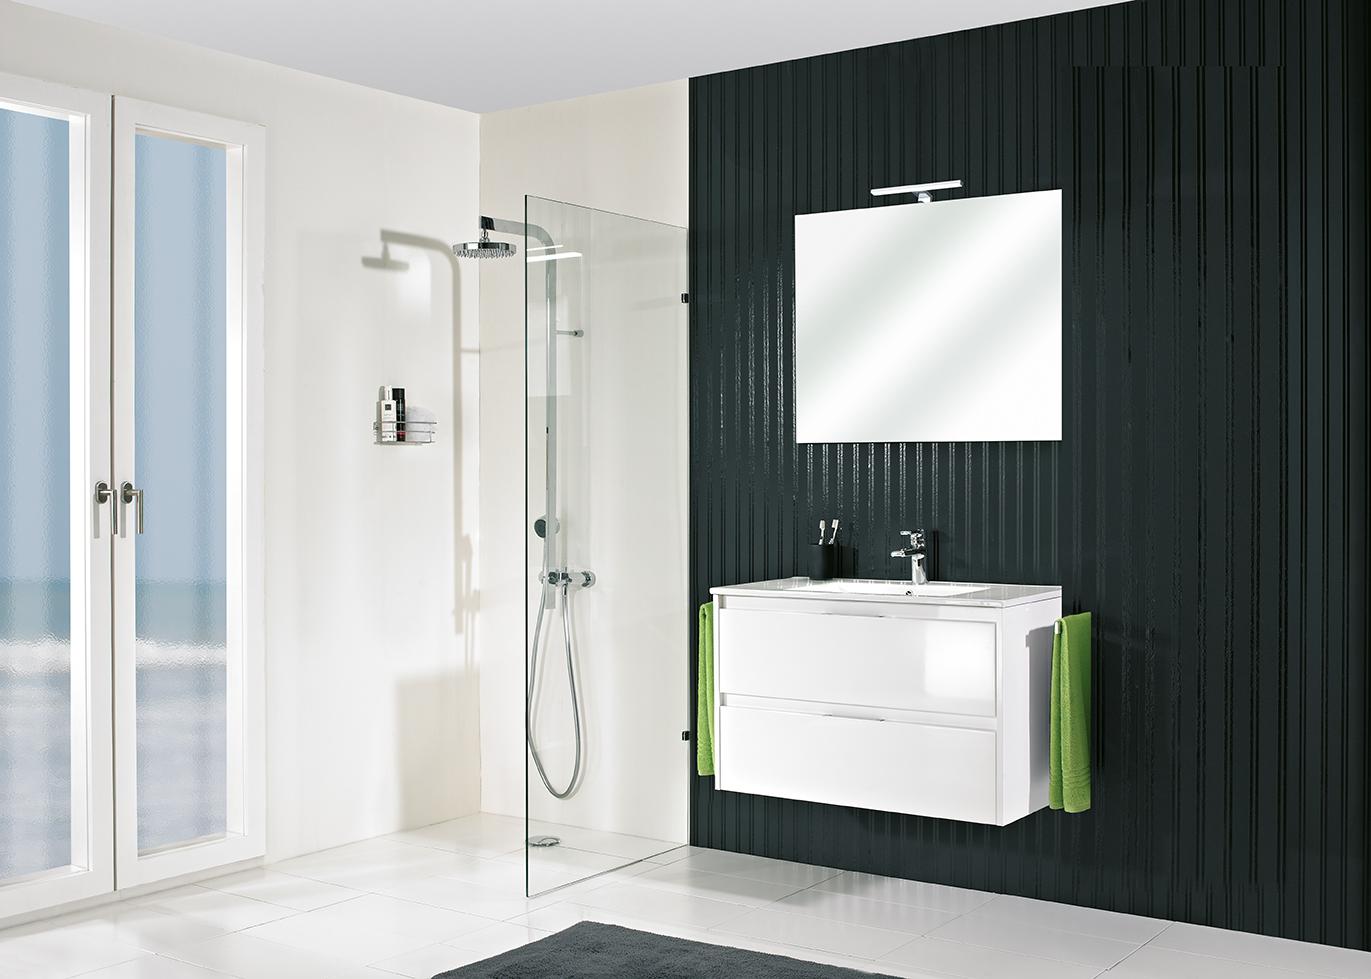 Mijn-bad-in-stijl-trendtips-badkamers-2020-2